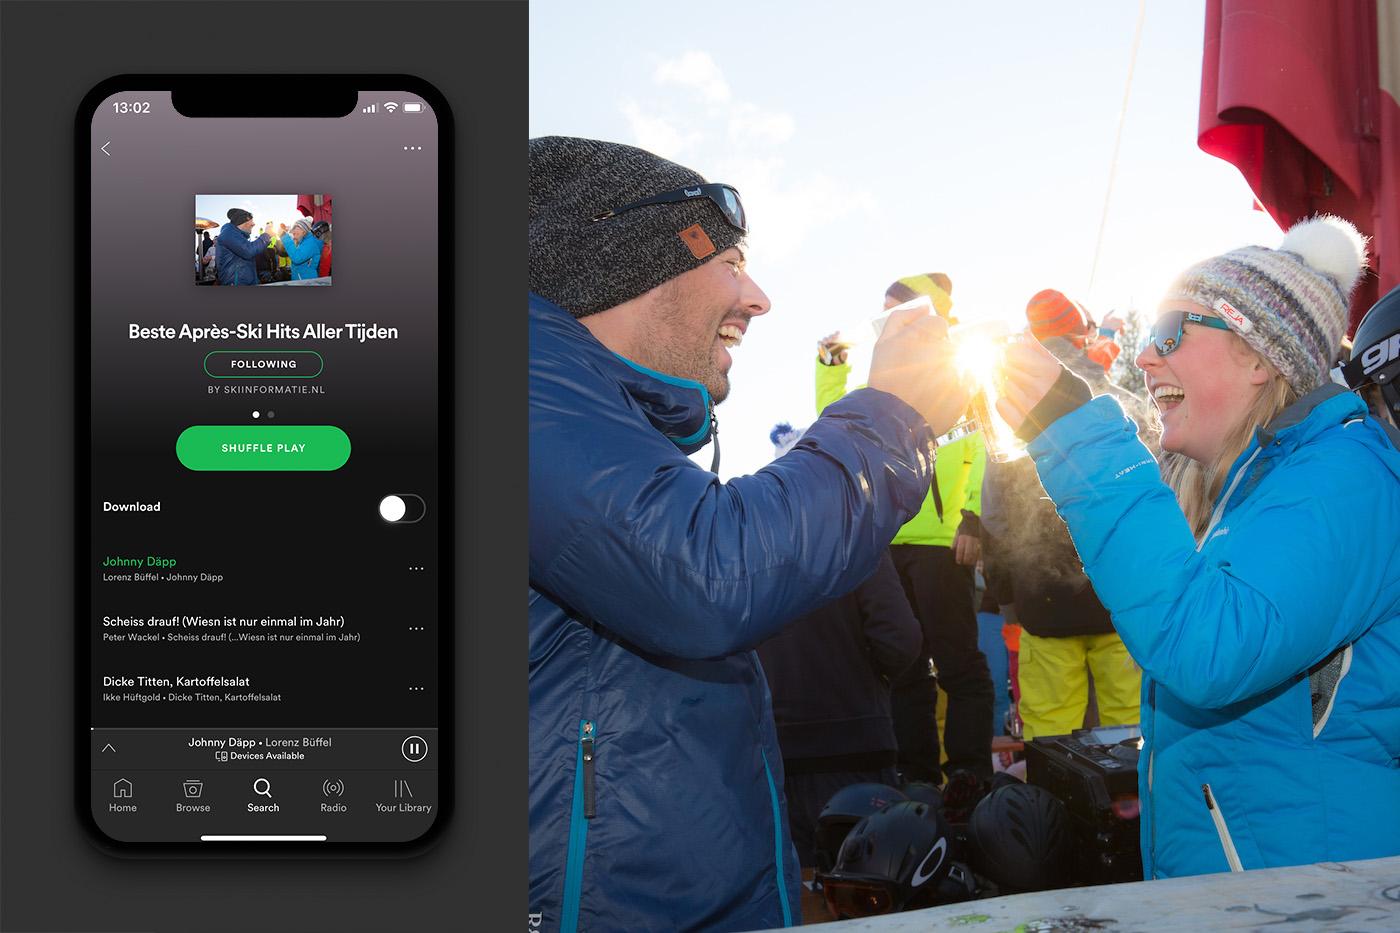 Beste Après-Ski Hits Aller Tijden